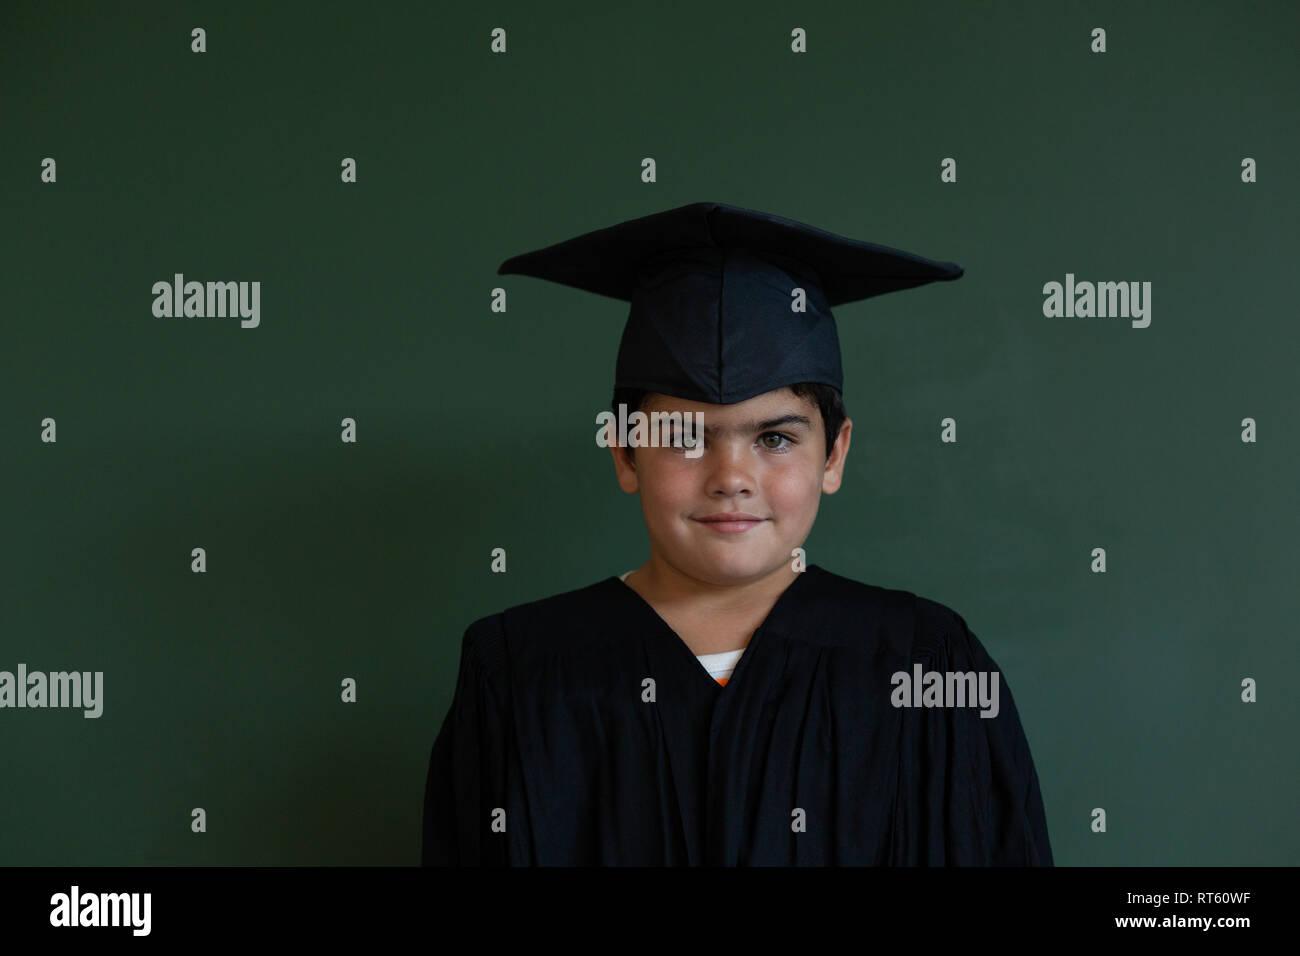 4f0a49fe0 Vestido De Graduación Imágenes De Stock   Vestido De Graduación ...